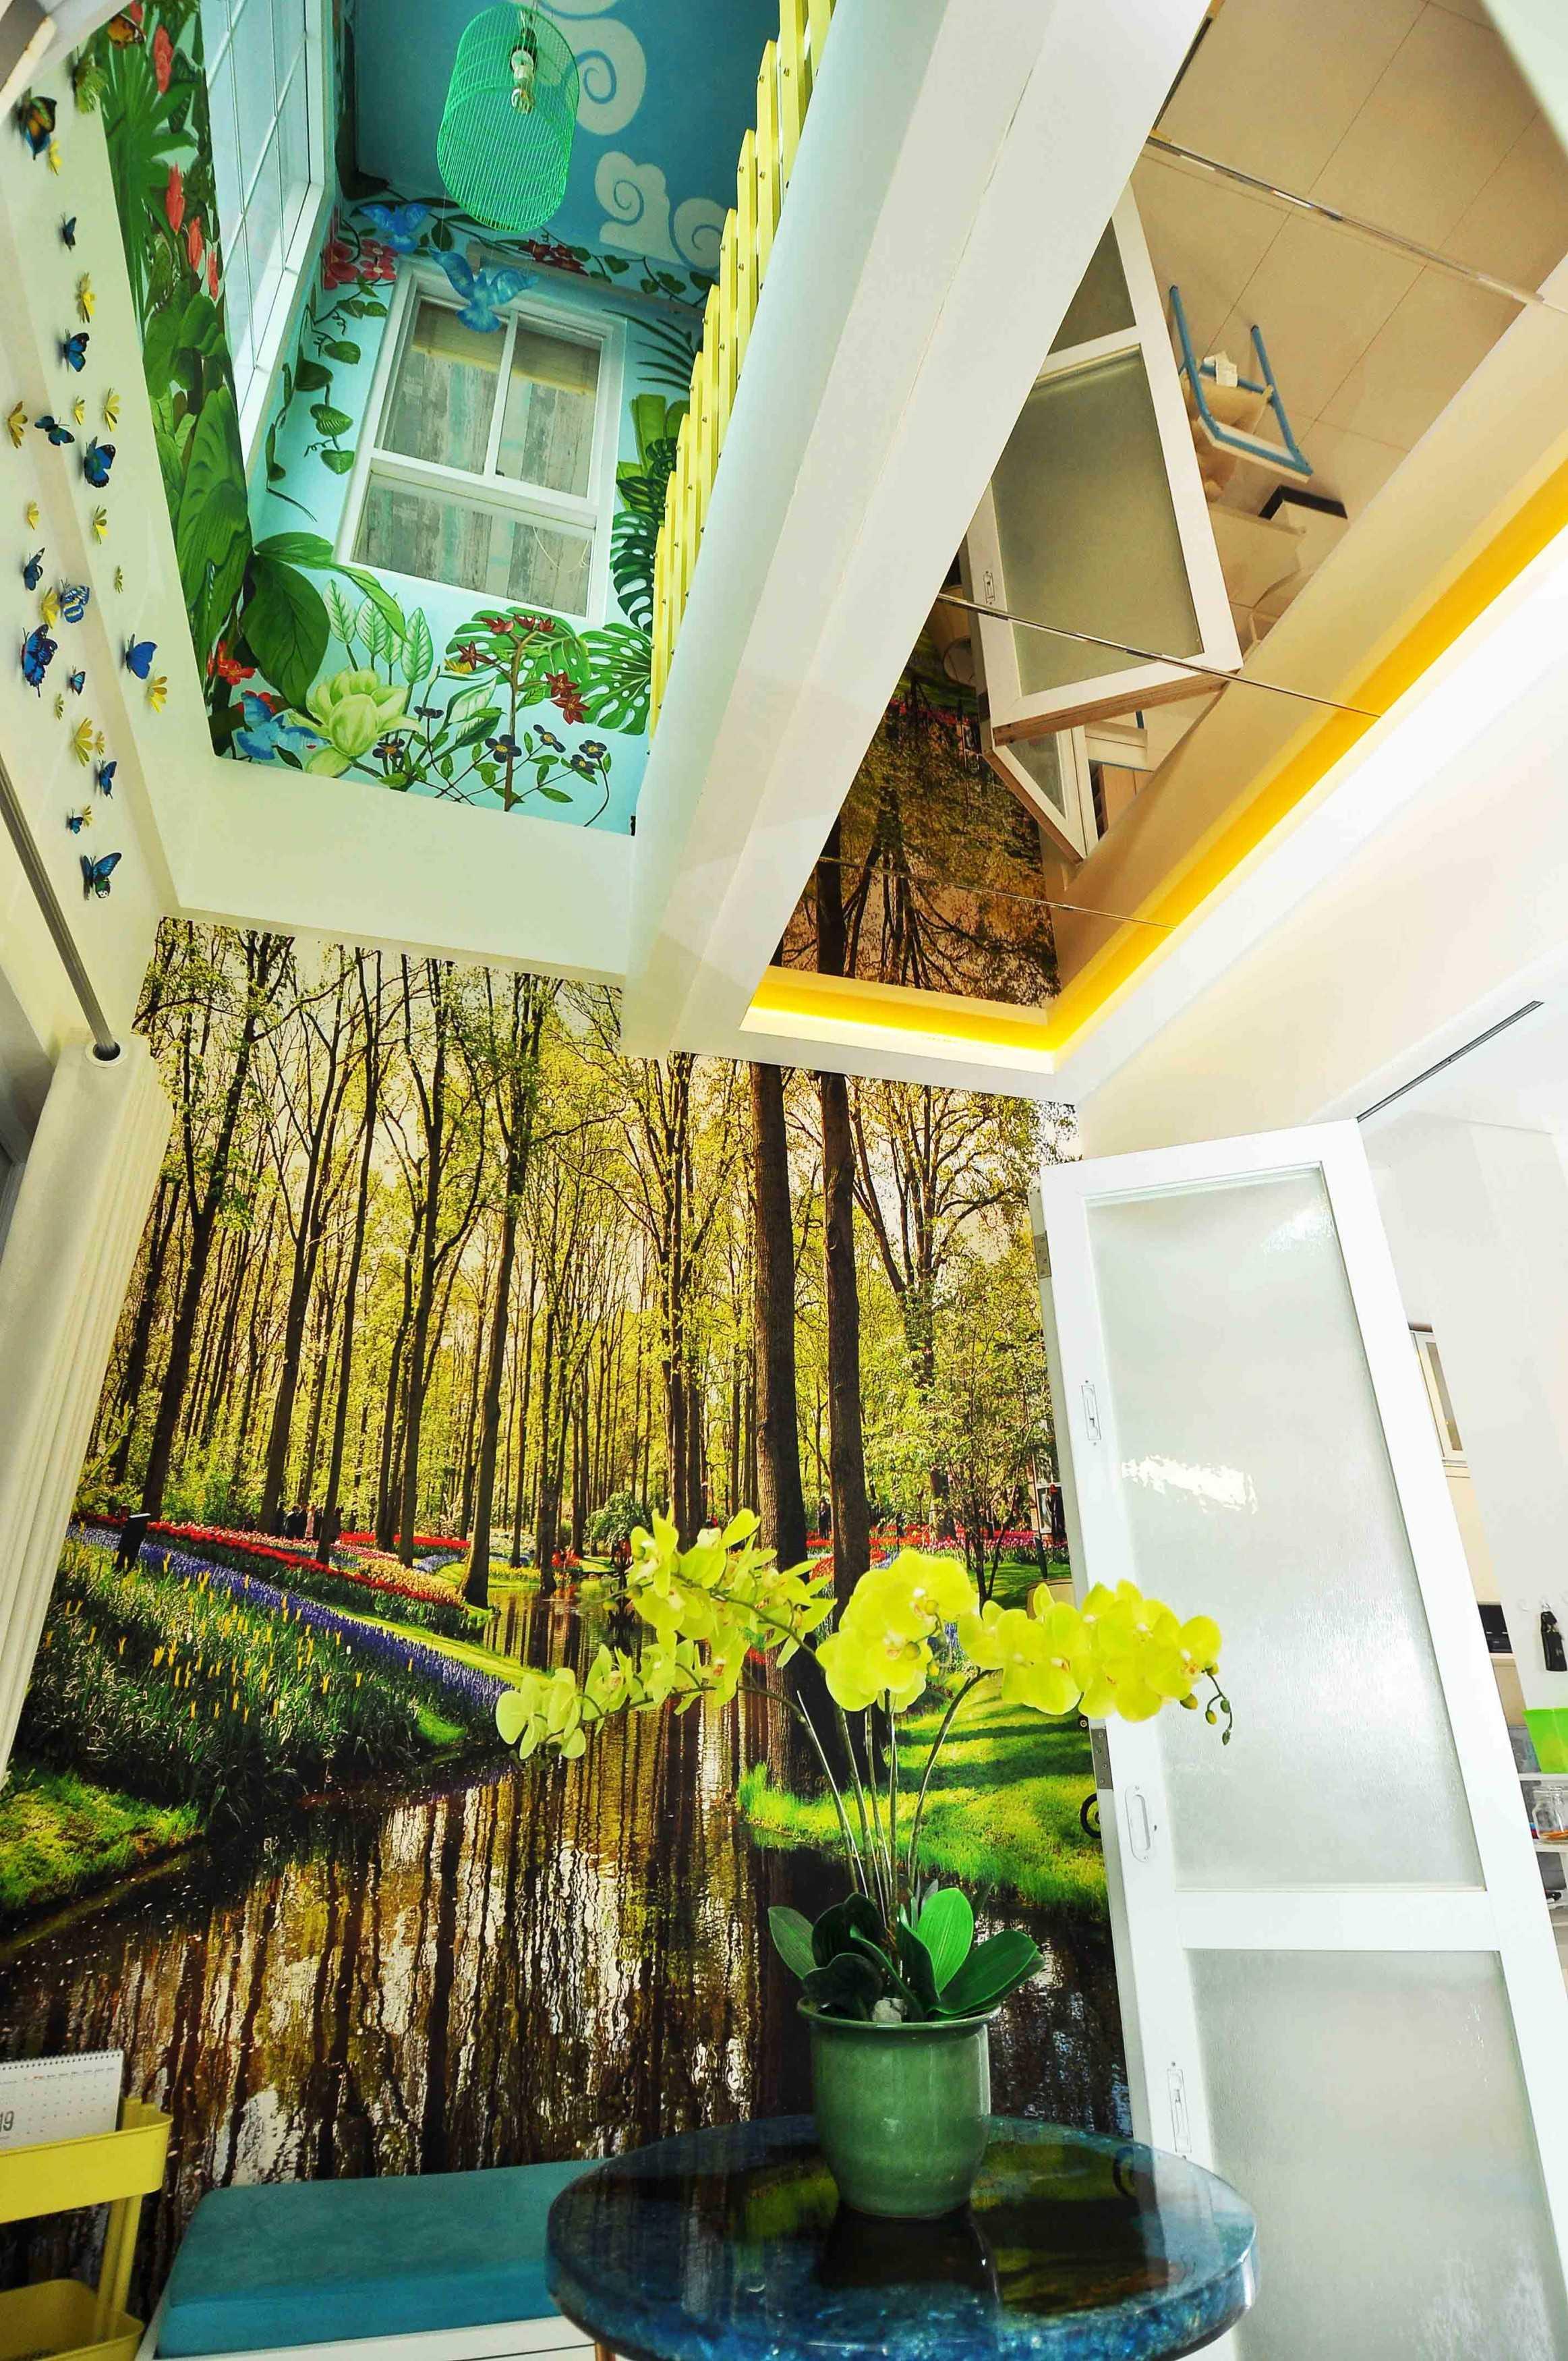 Arsigram Interior Furniture Bintaro Residence Bintaro Jaya, Indonesia Bintaro Jaya, Indonesia Arsigram-Interior-Furniture-Bintaro-Residence   82762